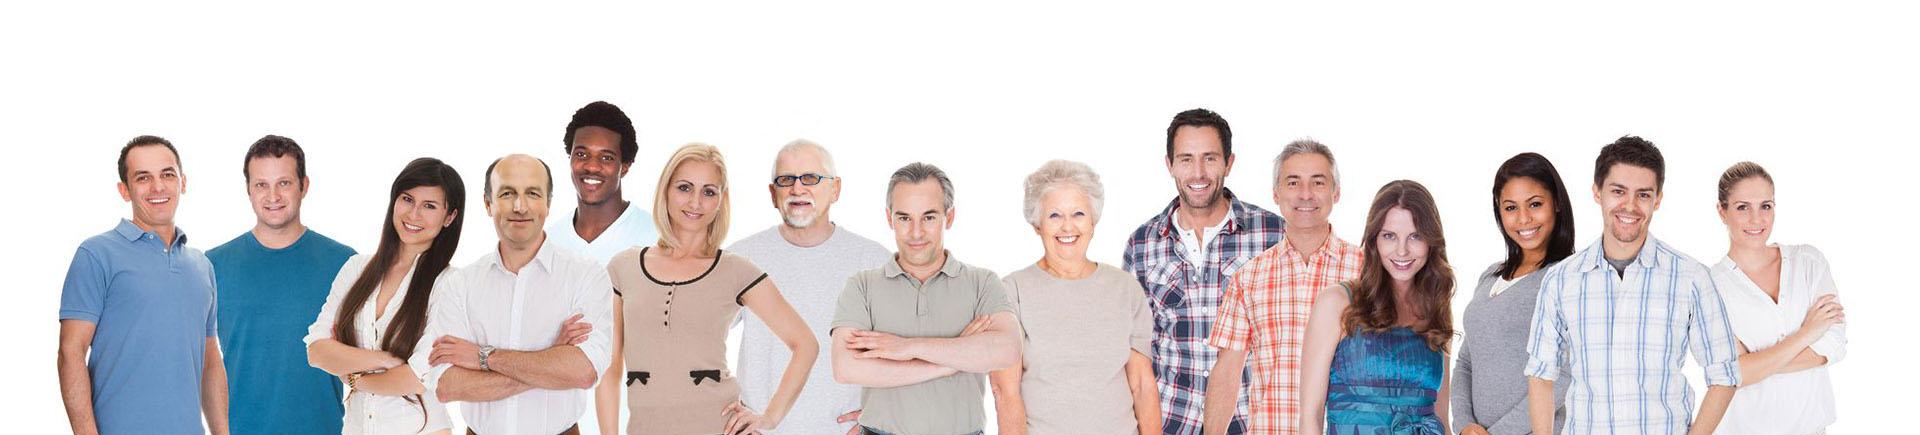 people older